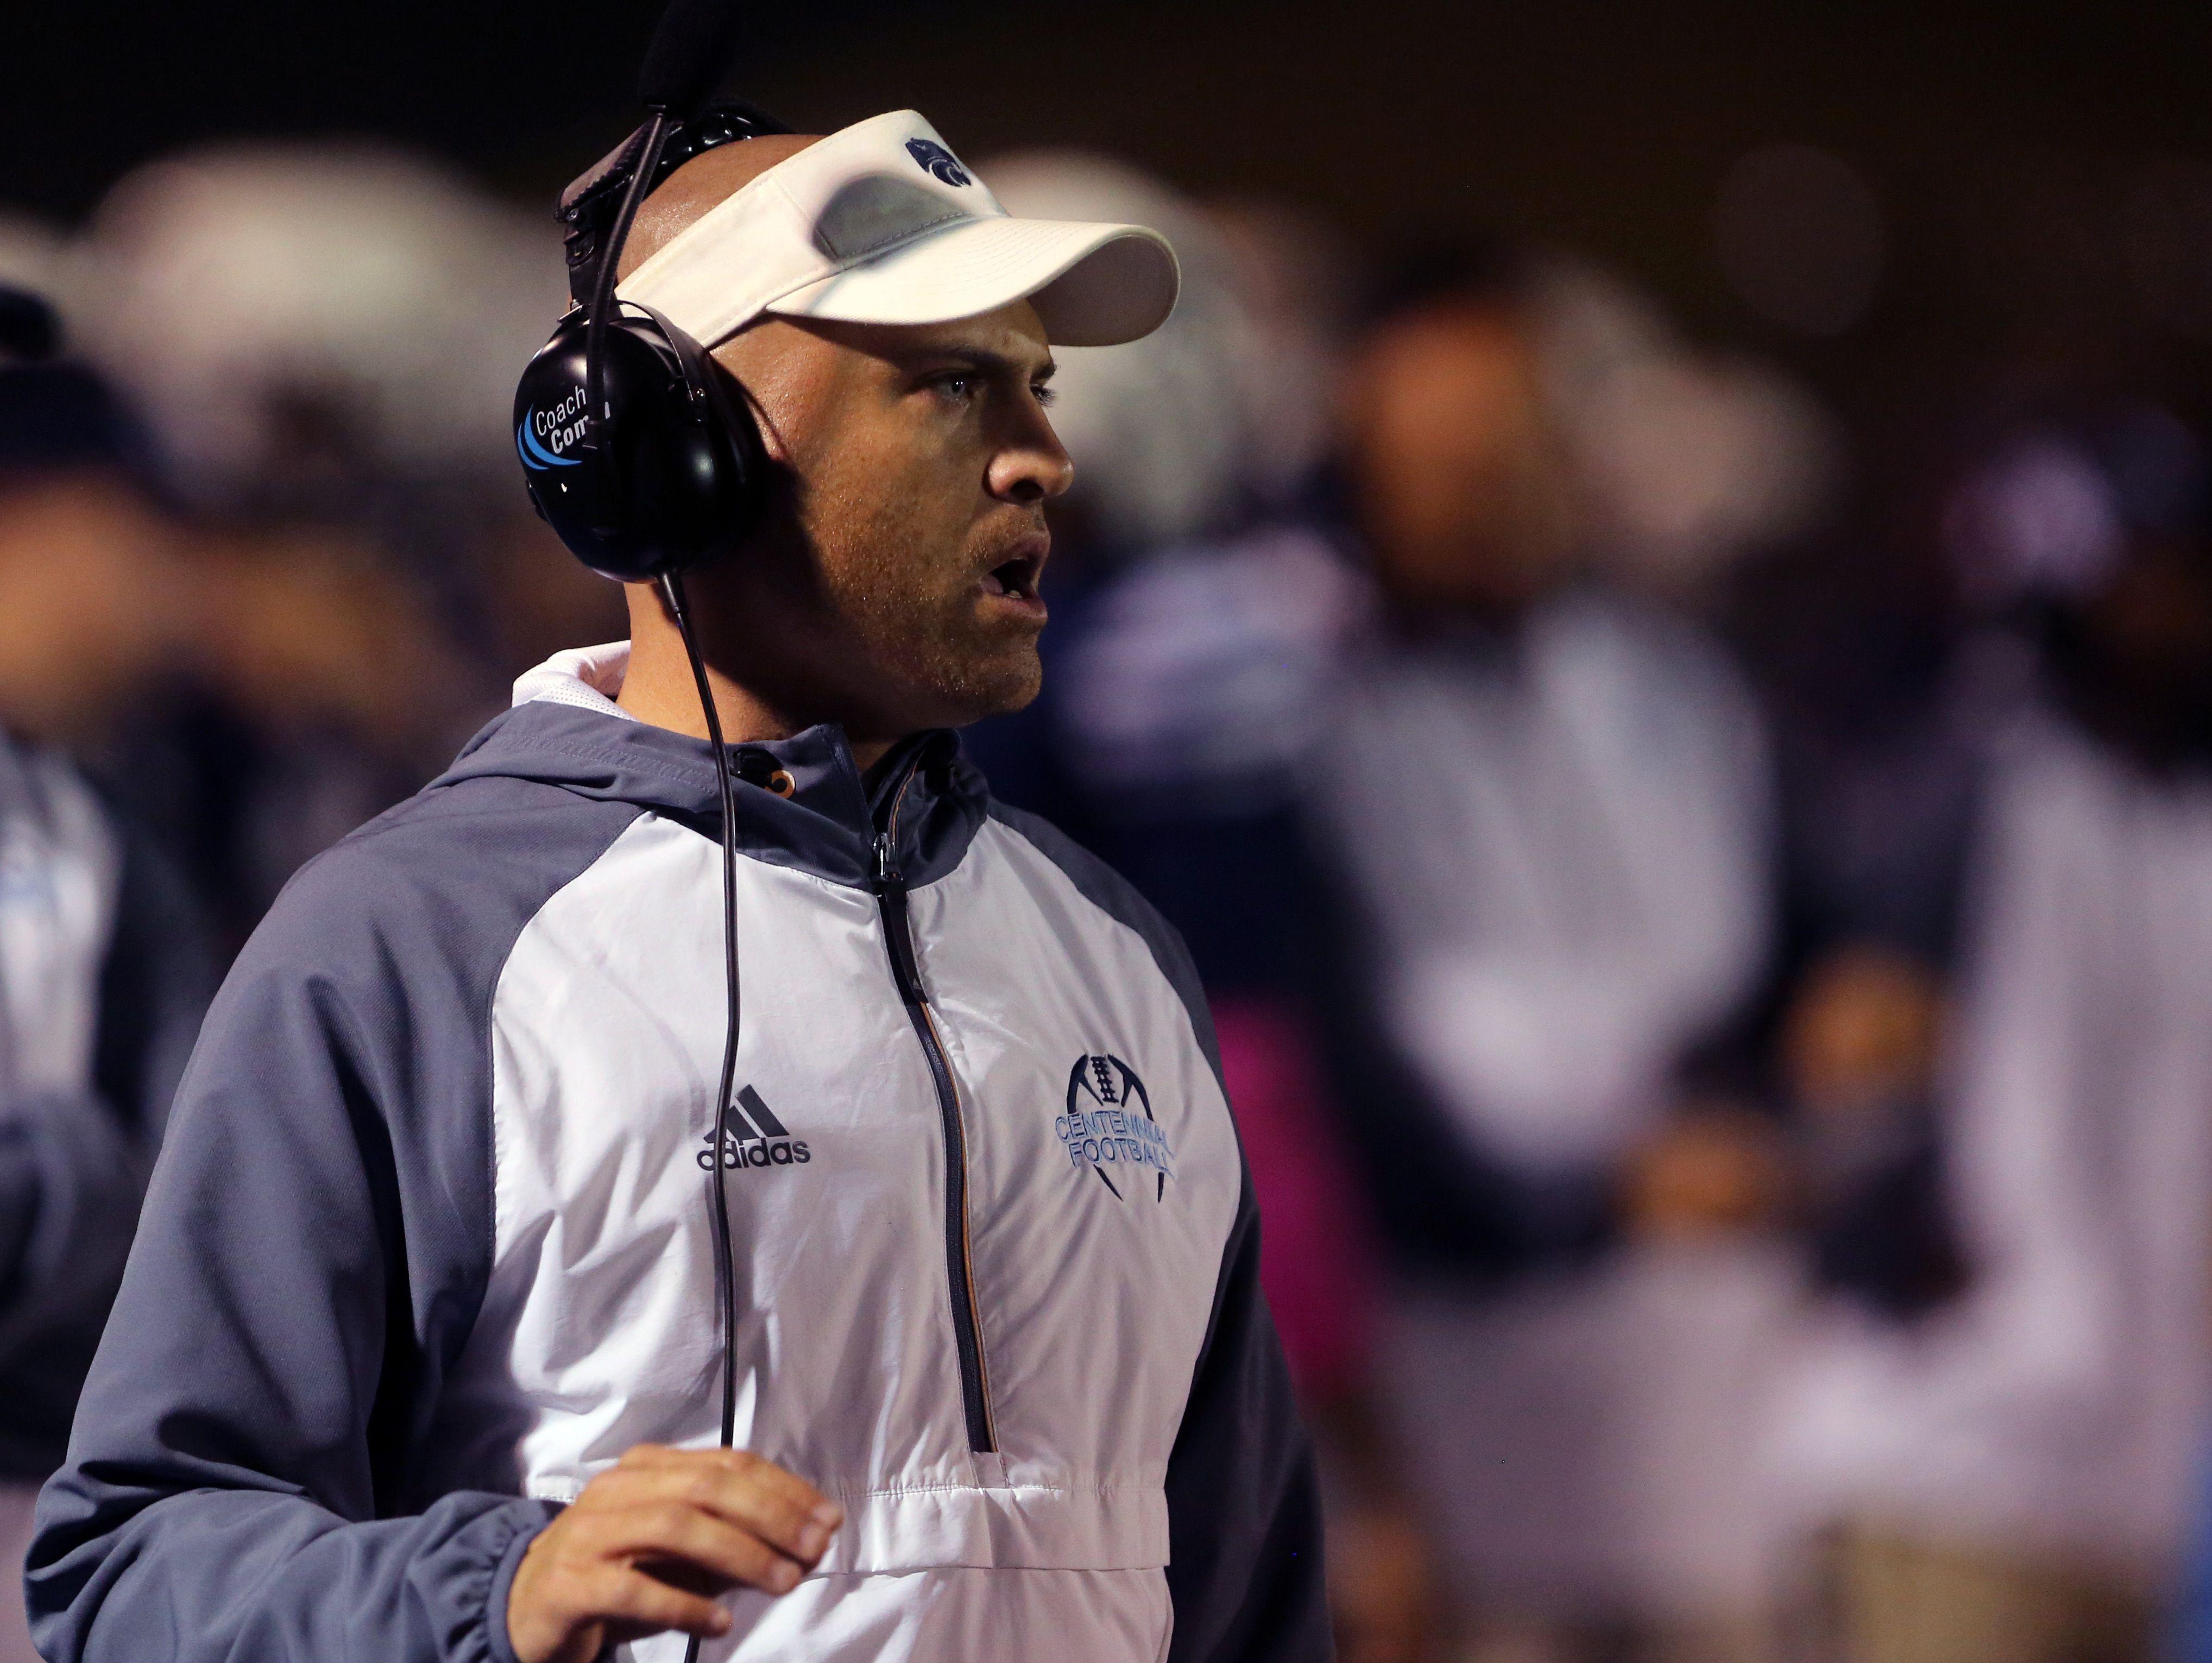 Centennial coach Matt Kriesky